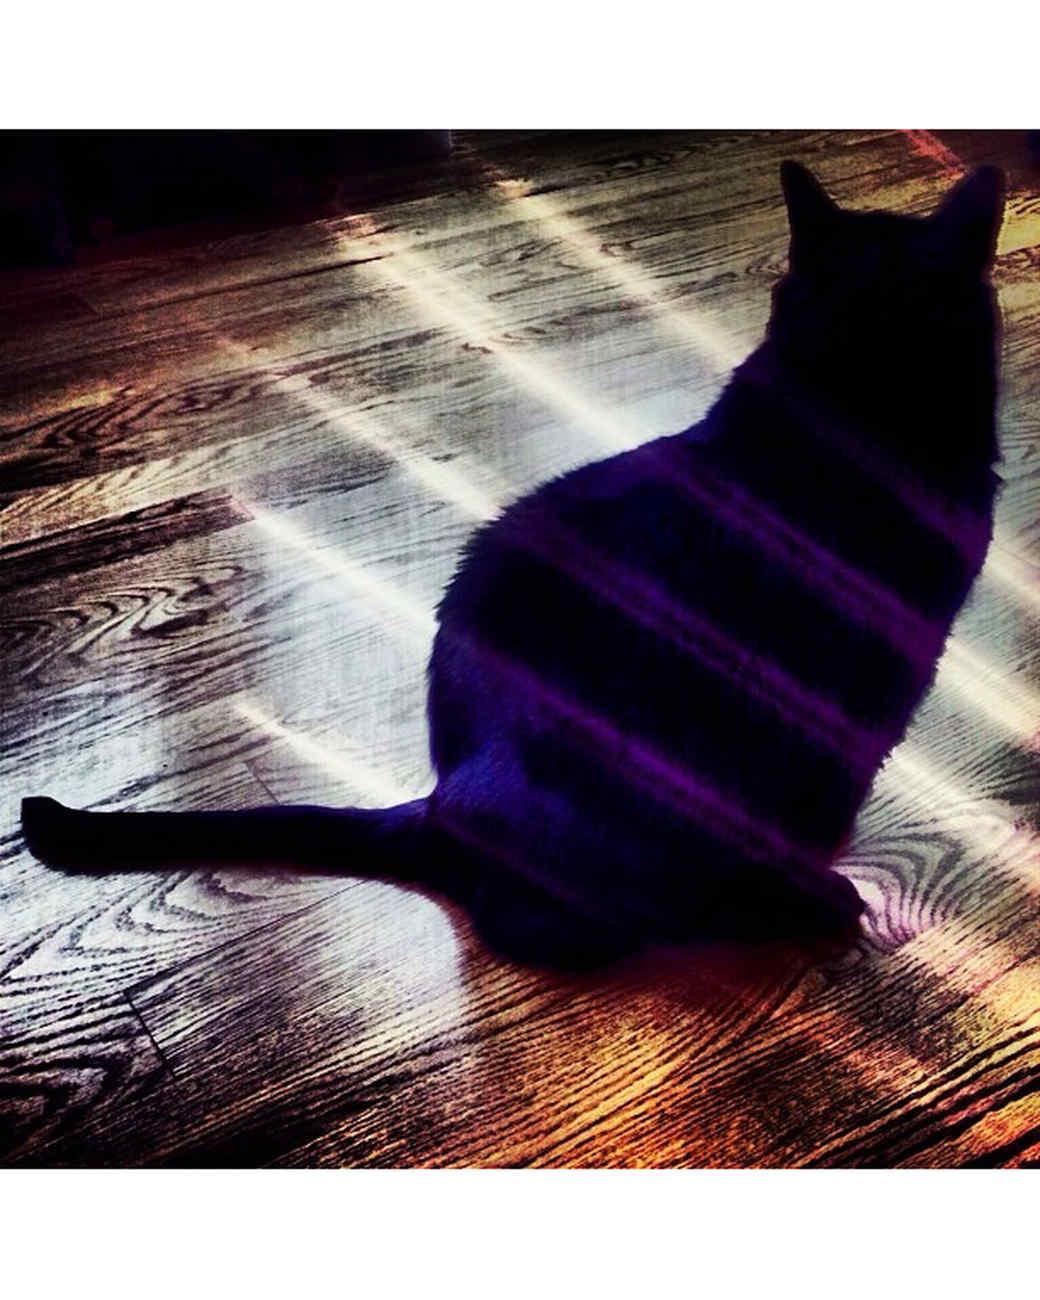 halloween-hunt-ugc-black-cat-argomorpheus.jpg